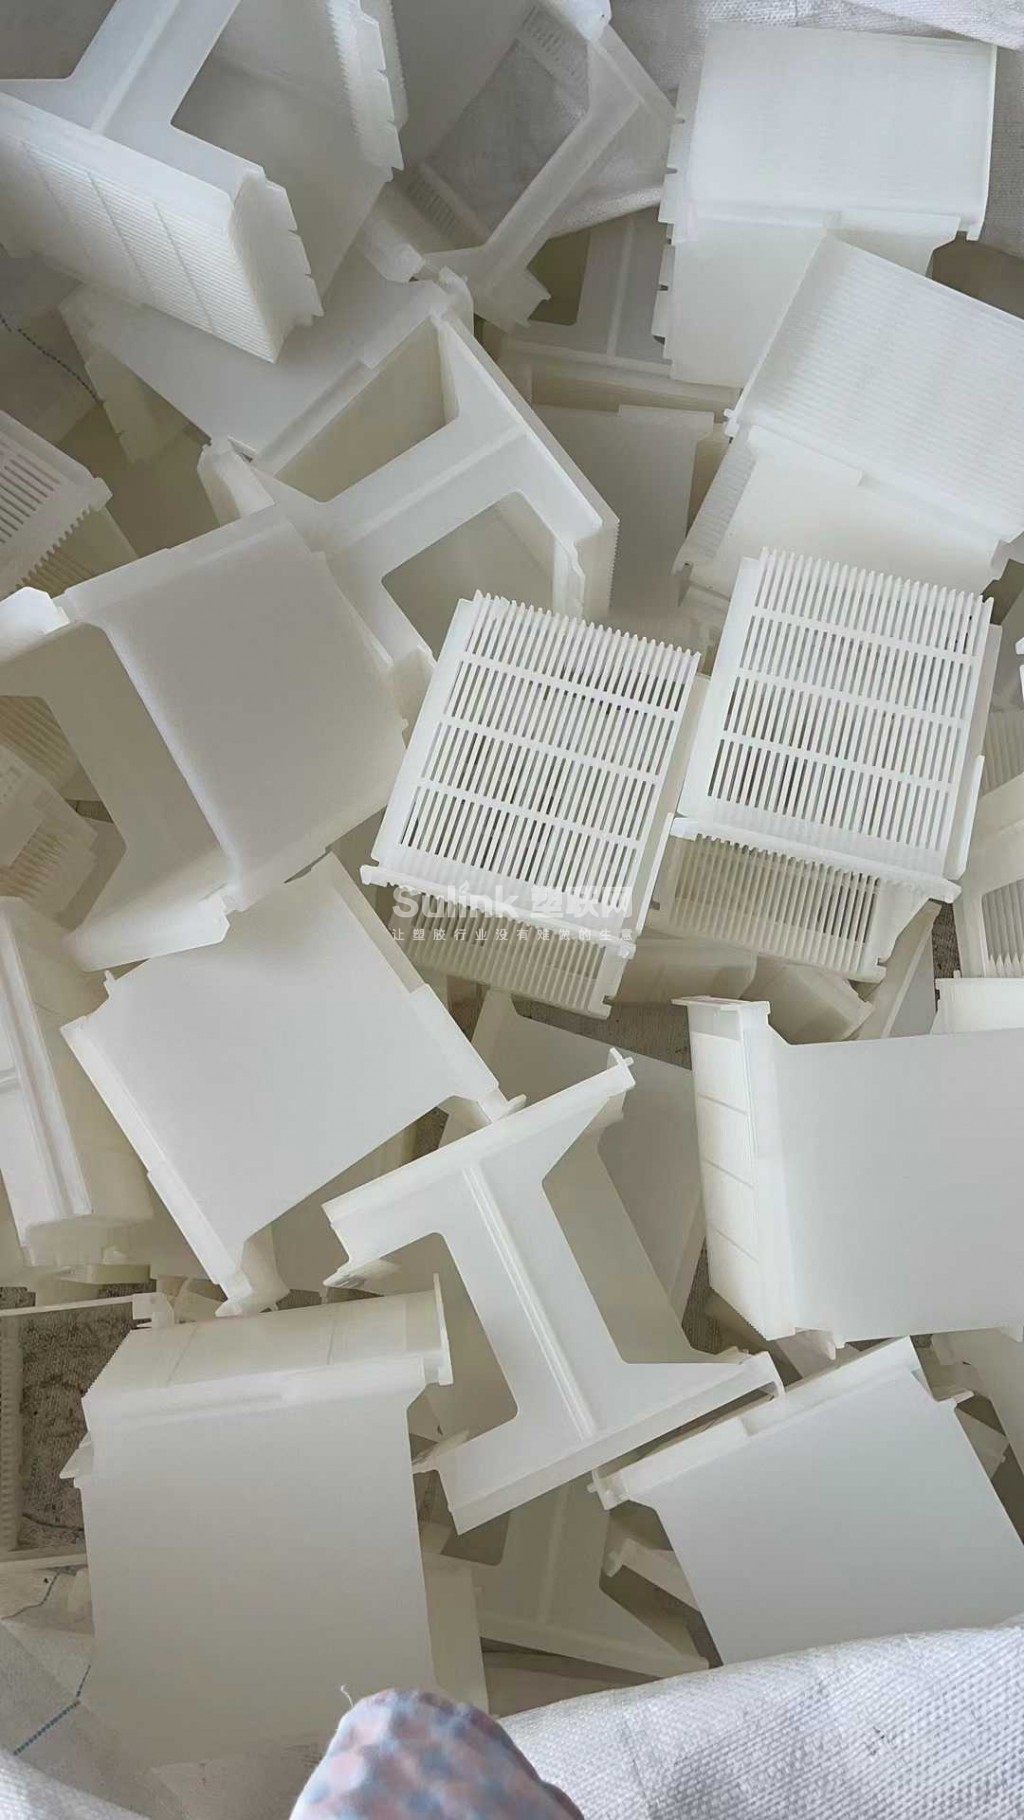 长期购买各种PFA,FEP,PVDF,PTFE- 塑联网 - 塑料联网信息服务平台